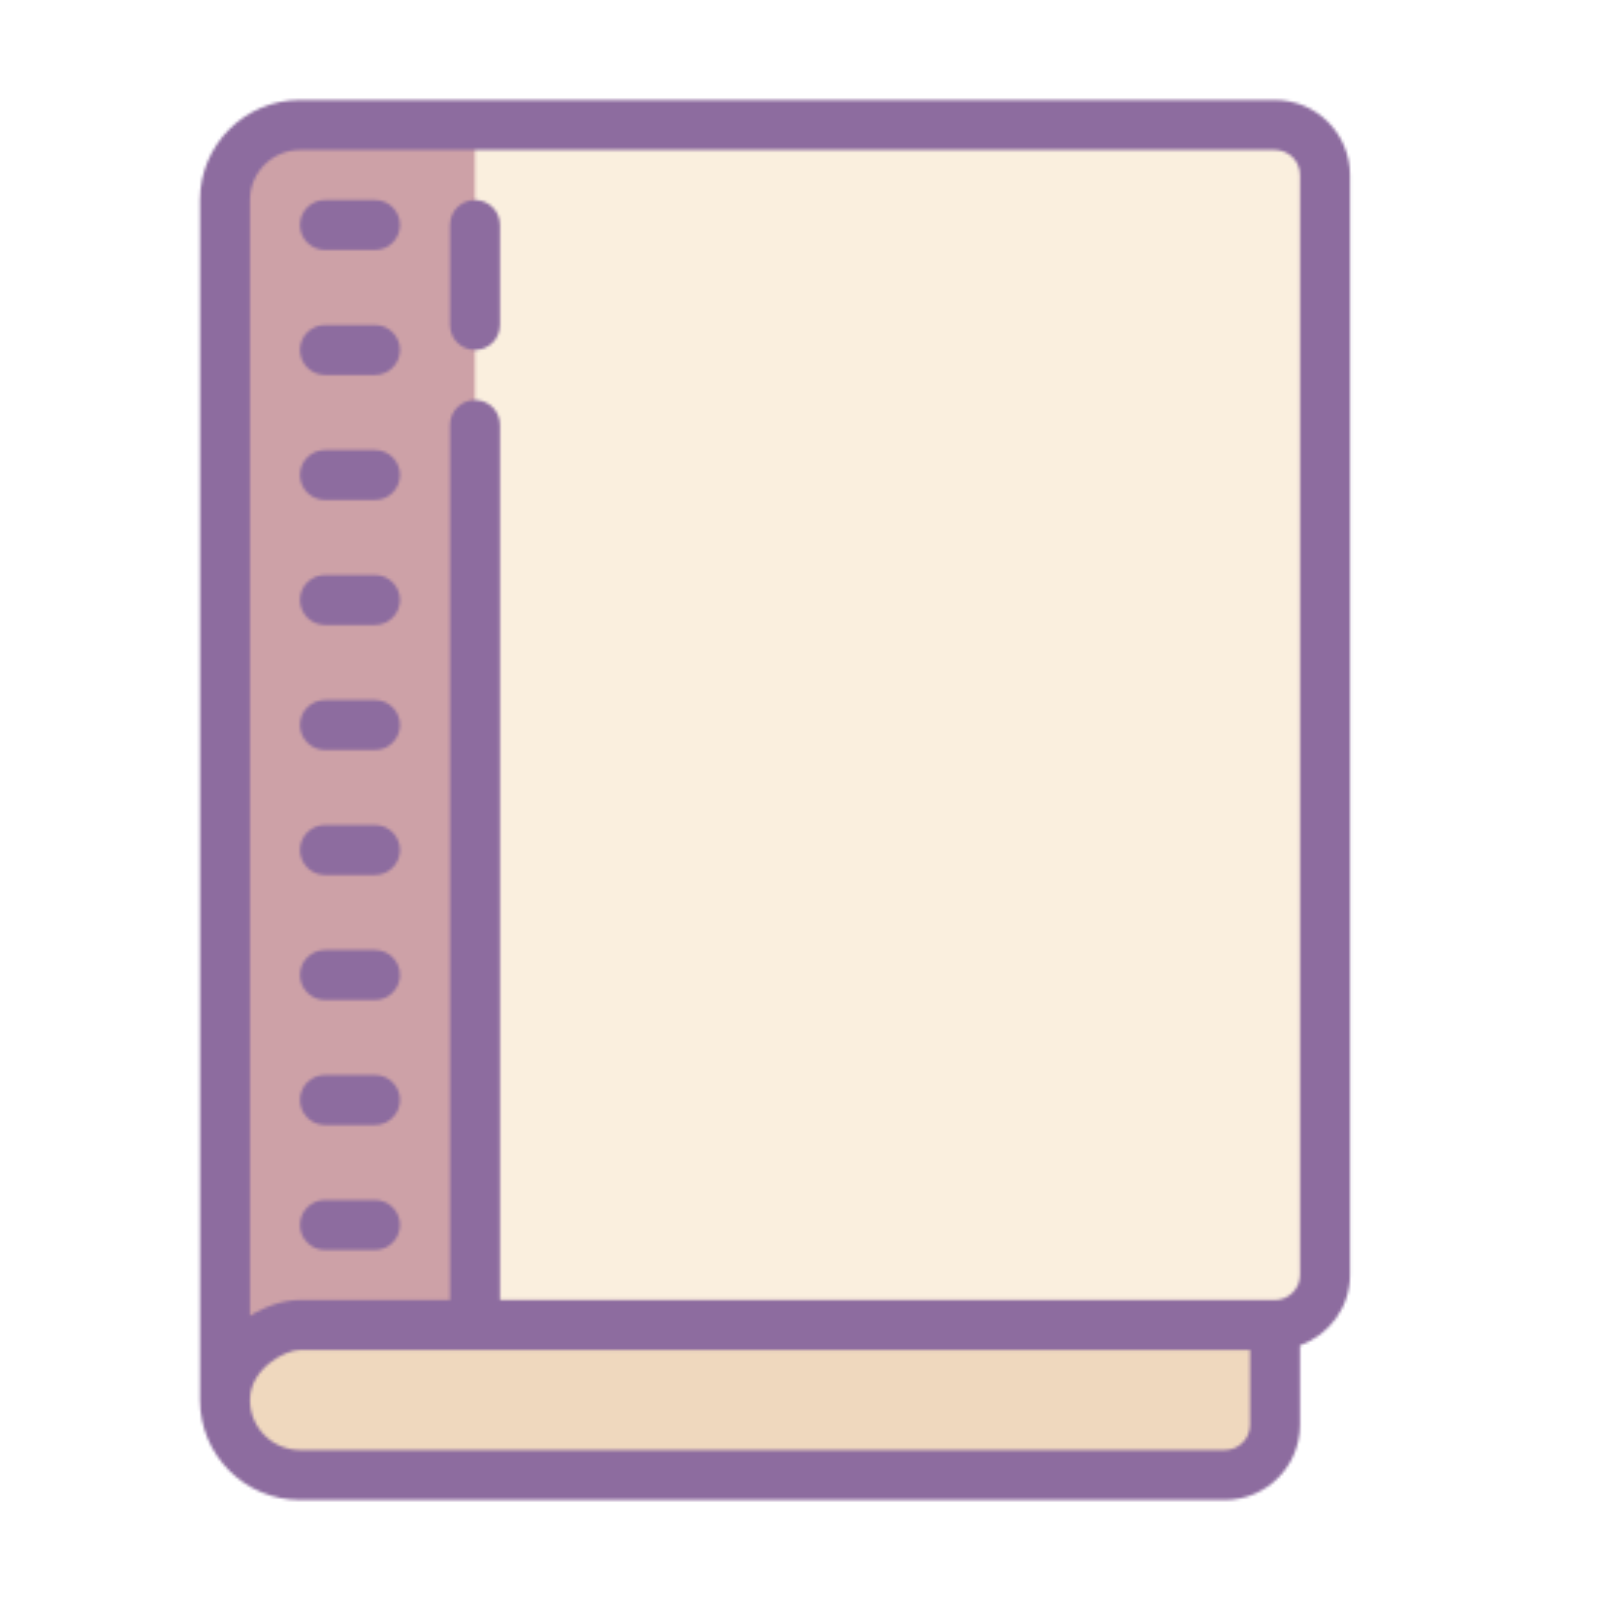 lesen icon